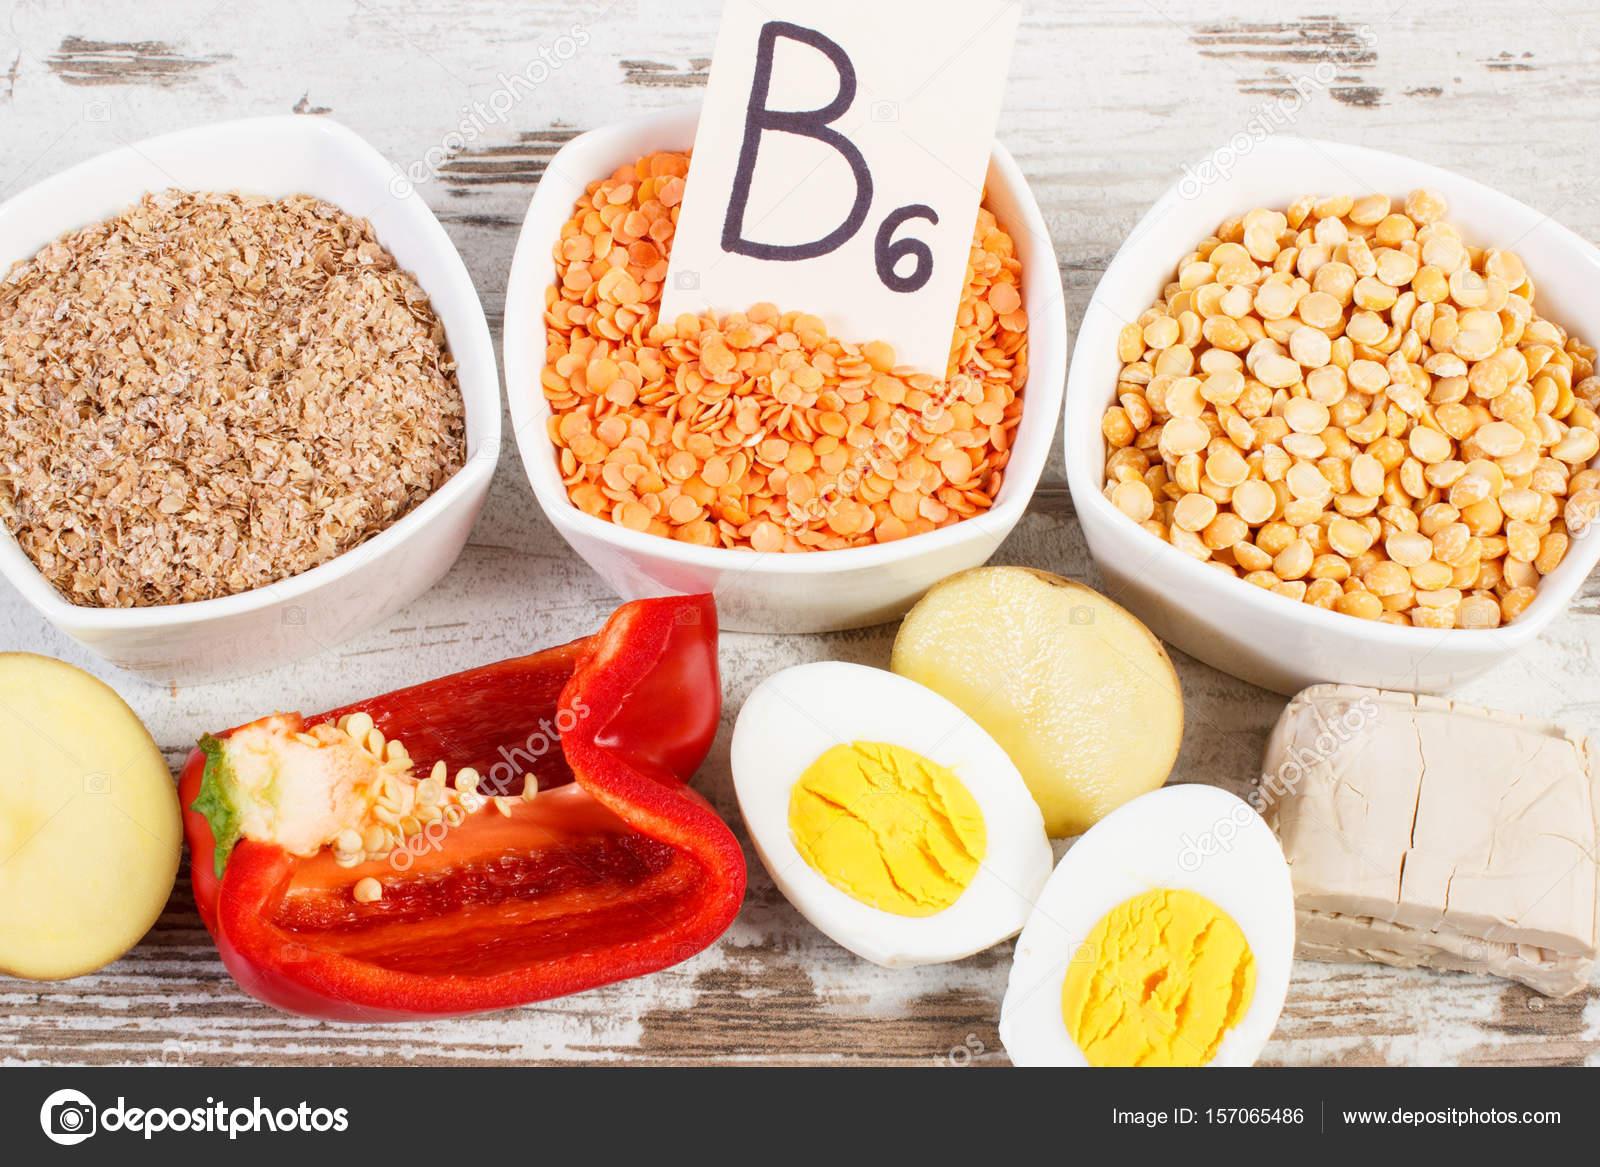 B6 Vitamini Bulunan Yiyecekler